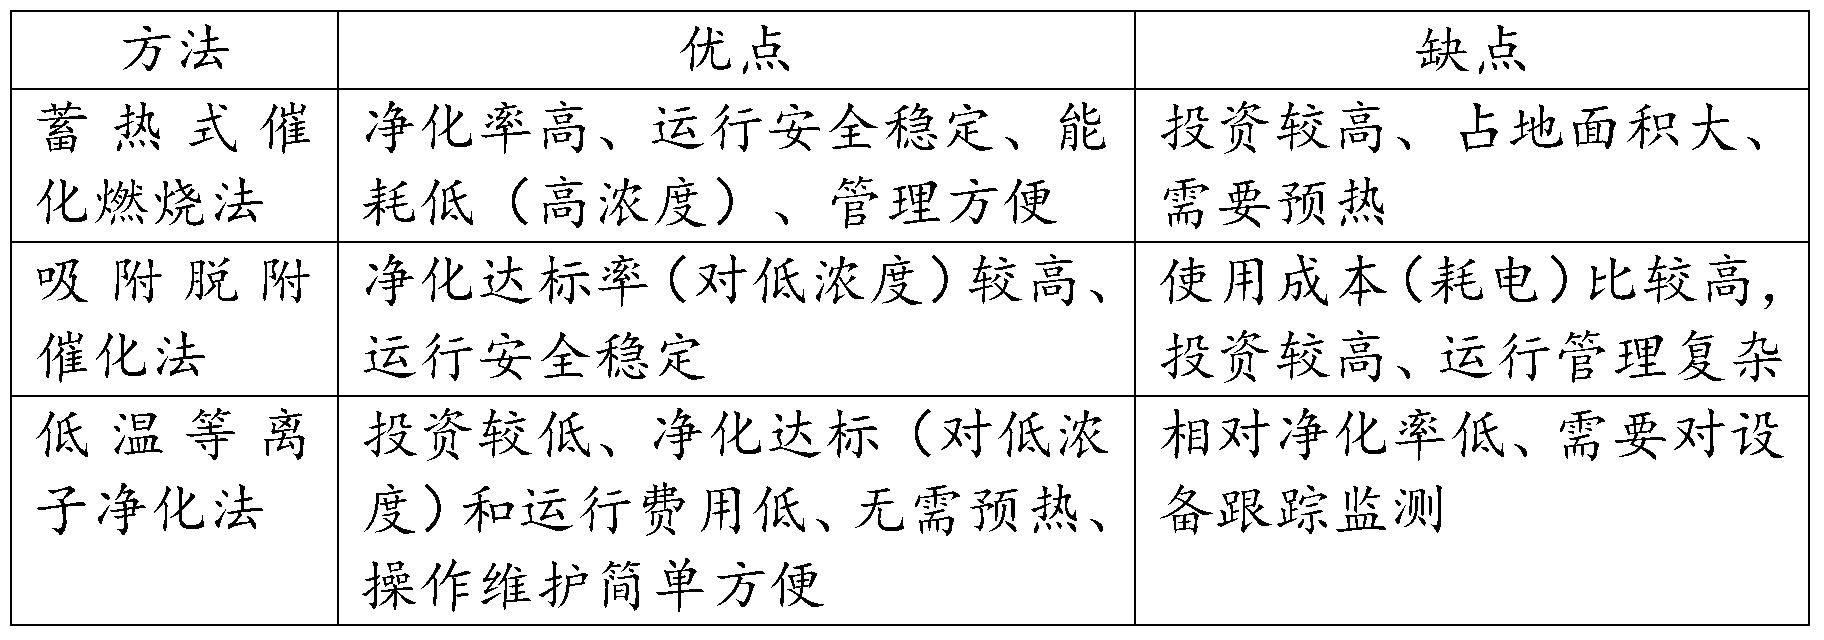 Figure PCTCN2015081356-appb-000001